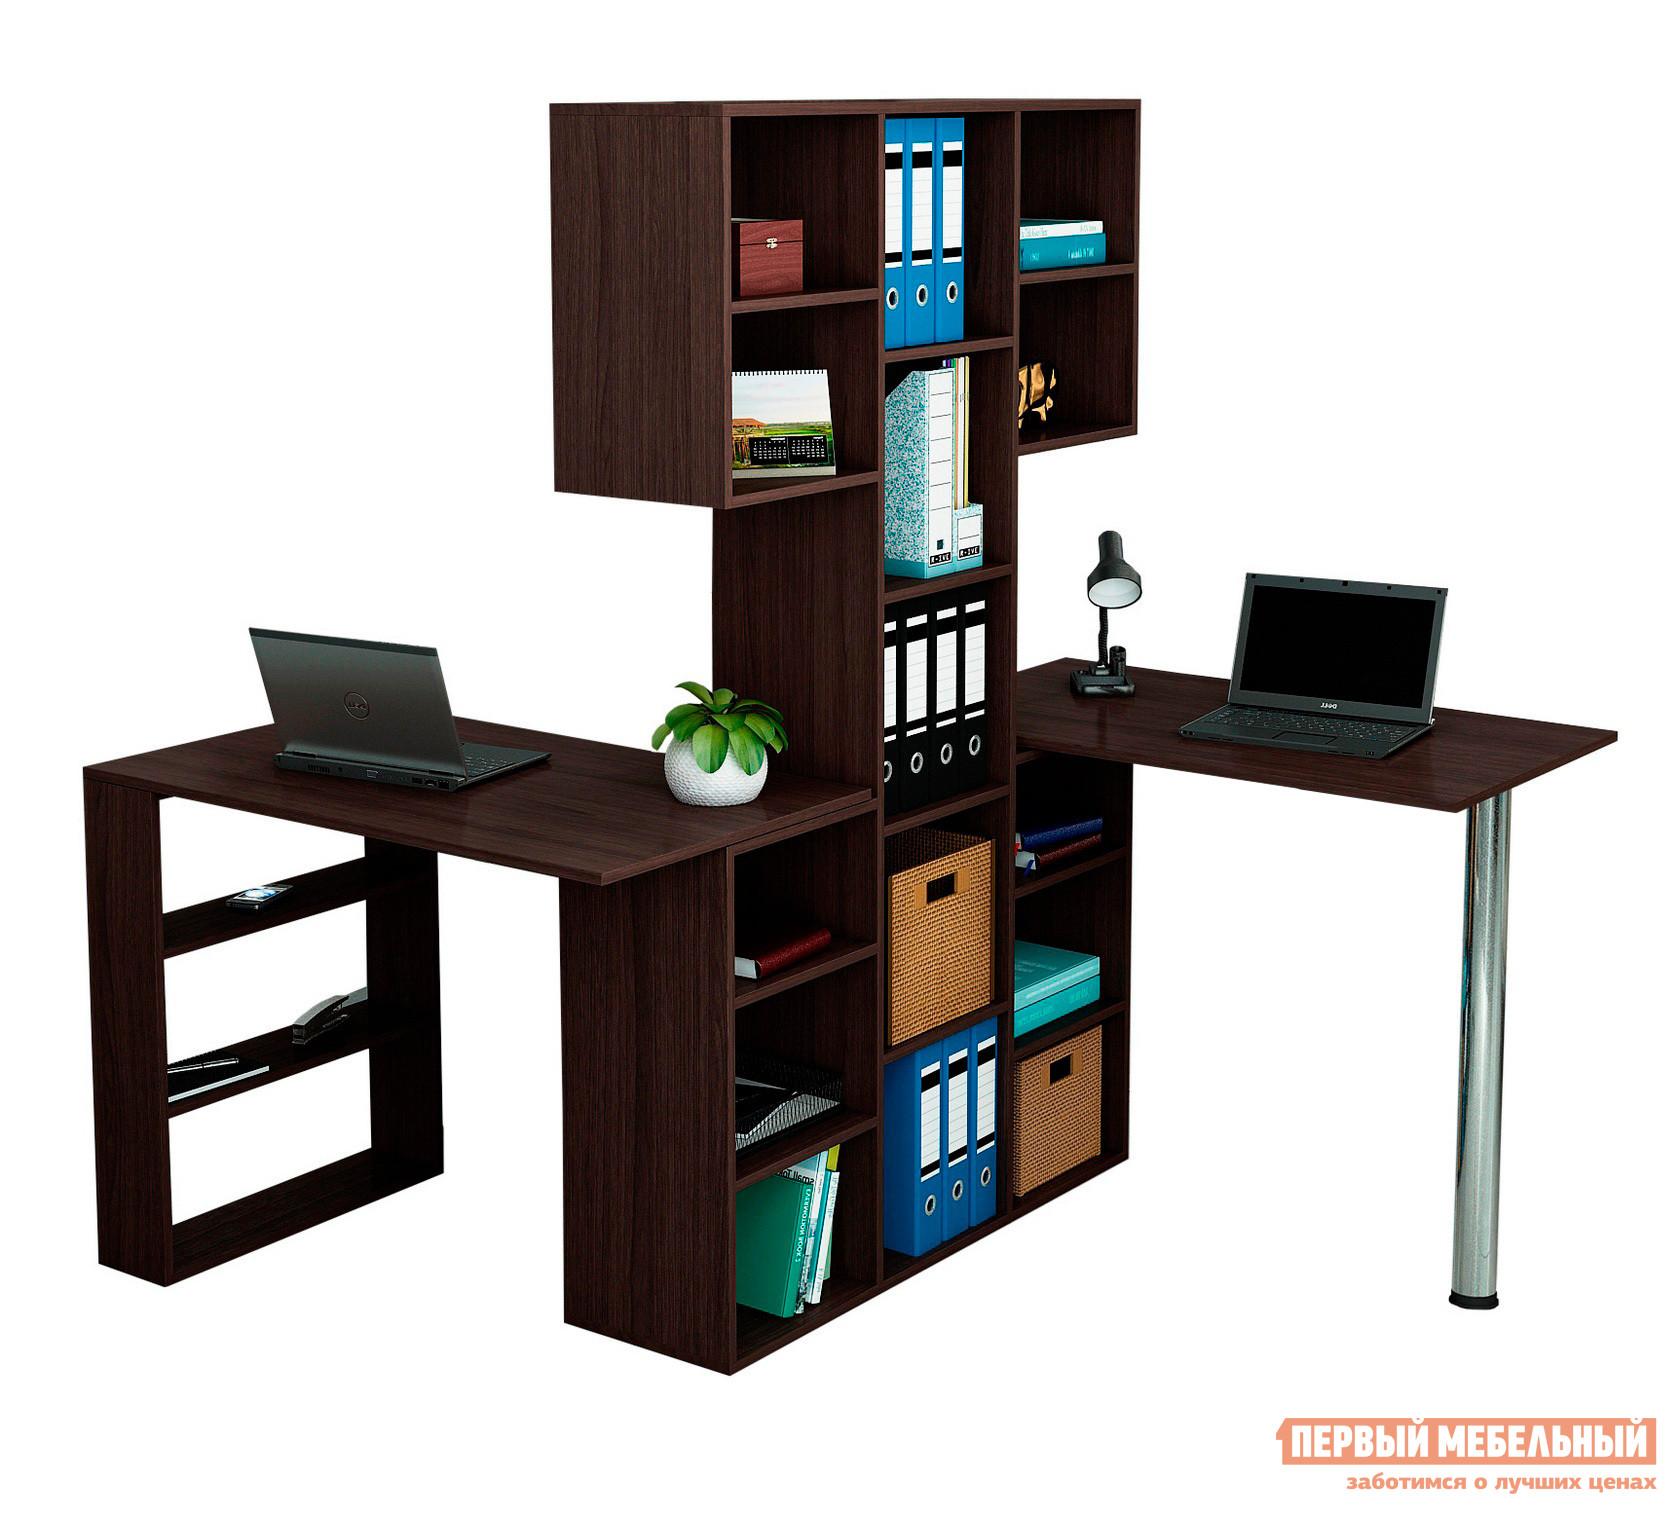 Угловой компьютерный стол МФ Мастер Рикс-3 + Рикс-5 + Рикс-6 компьютерный стол мф мастер корнет 1 угловой орех